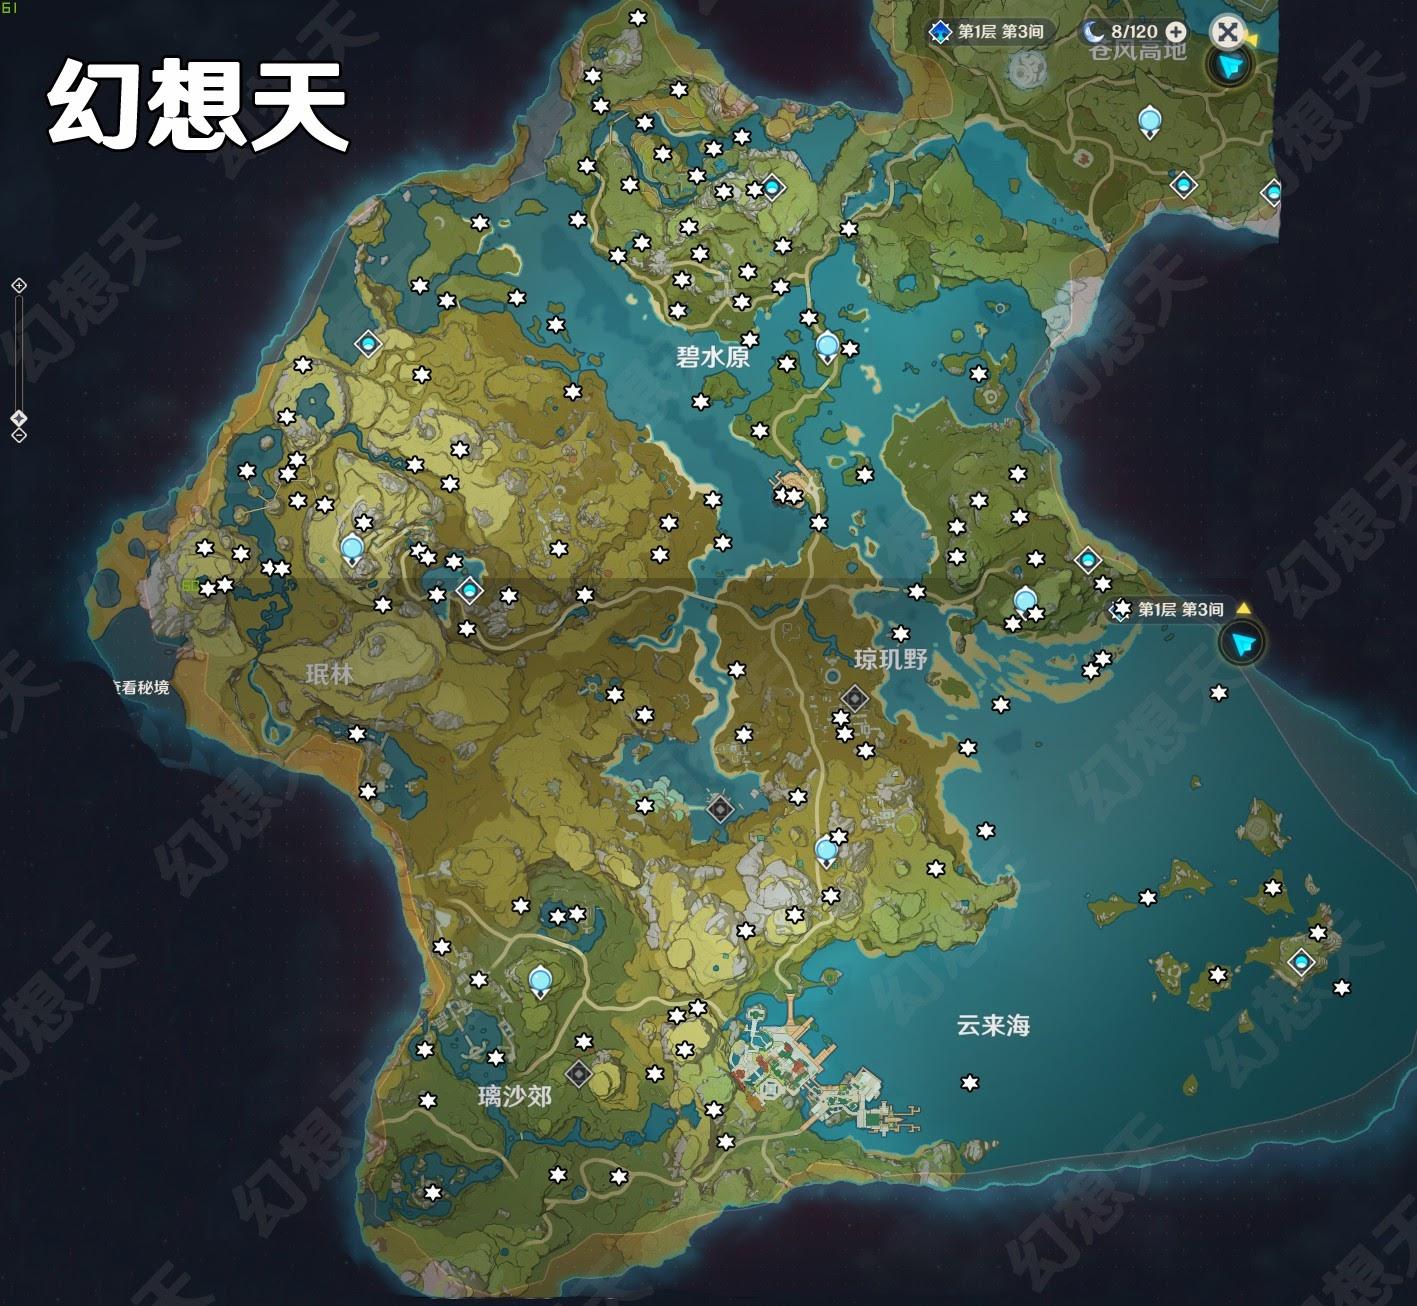 原神 (Genshin Impact) 全巖神瞳位置地圖   娛樂計程車